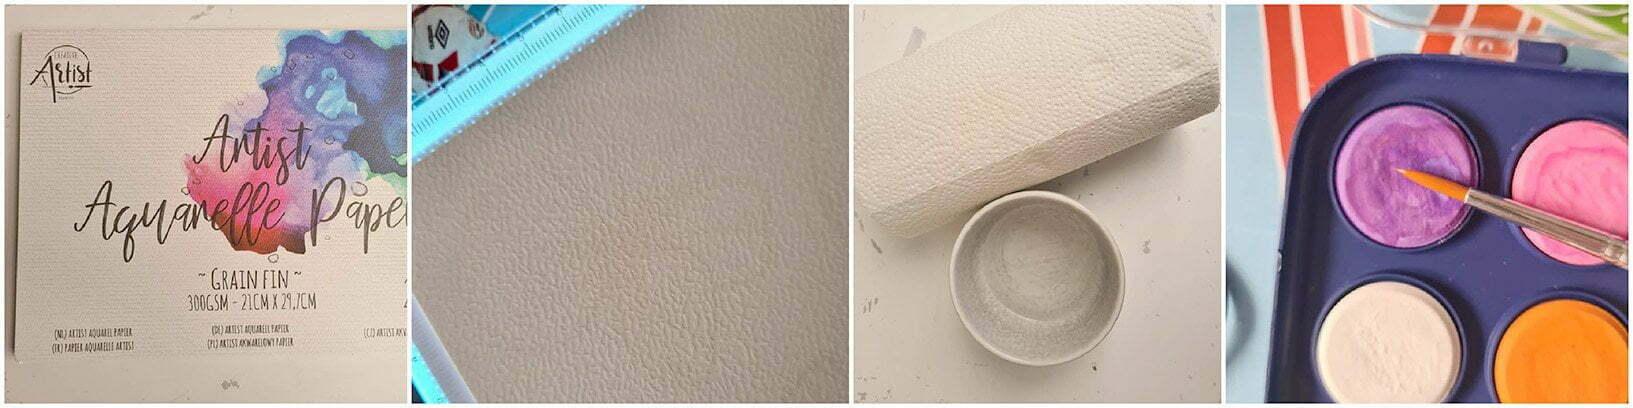 Maak de kwast nat met water enwrijfde kwast op de gewenstekleur.